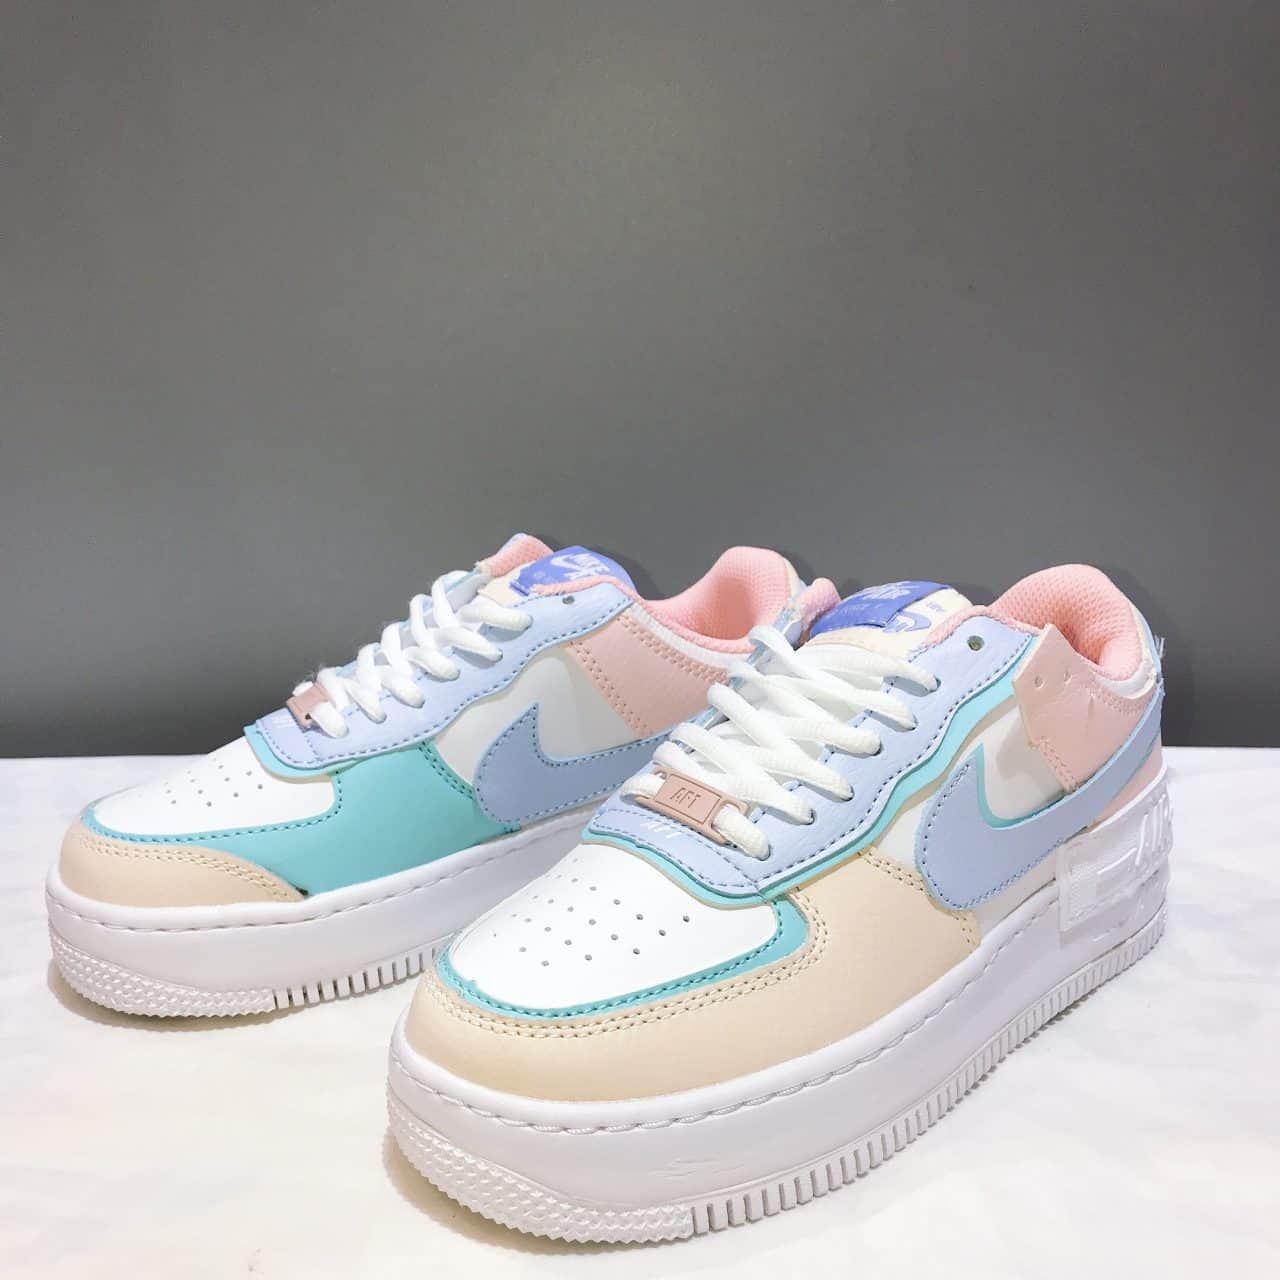 Form giày Nike Air Force 1 đứng dáng, xịn sò